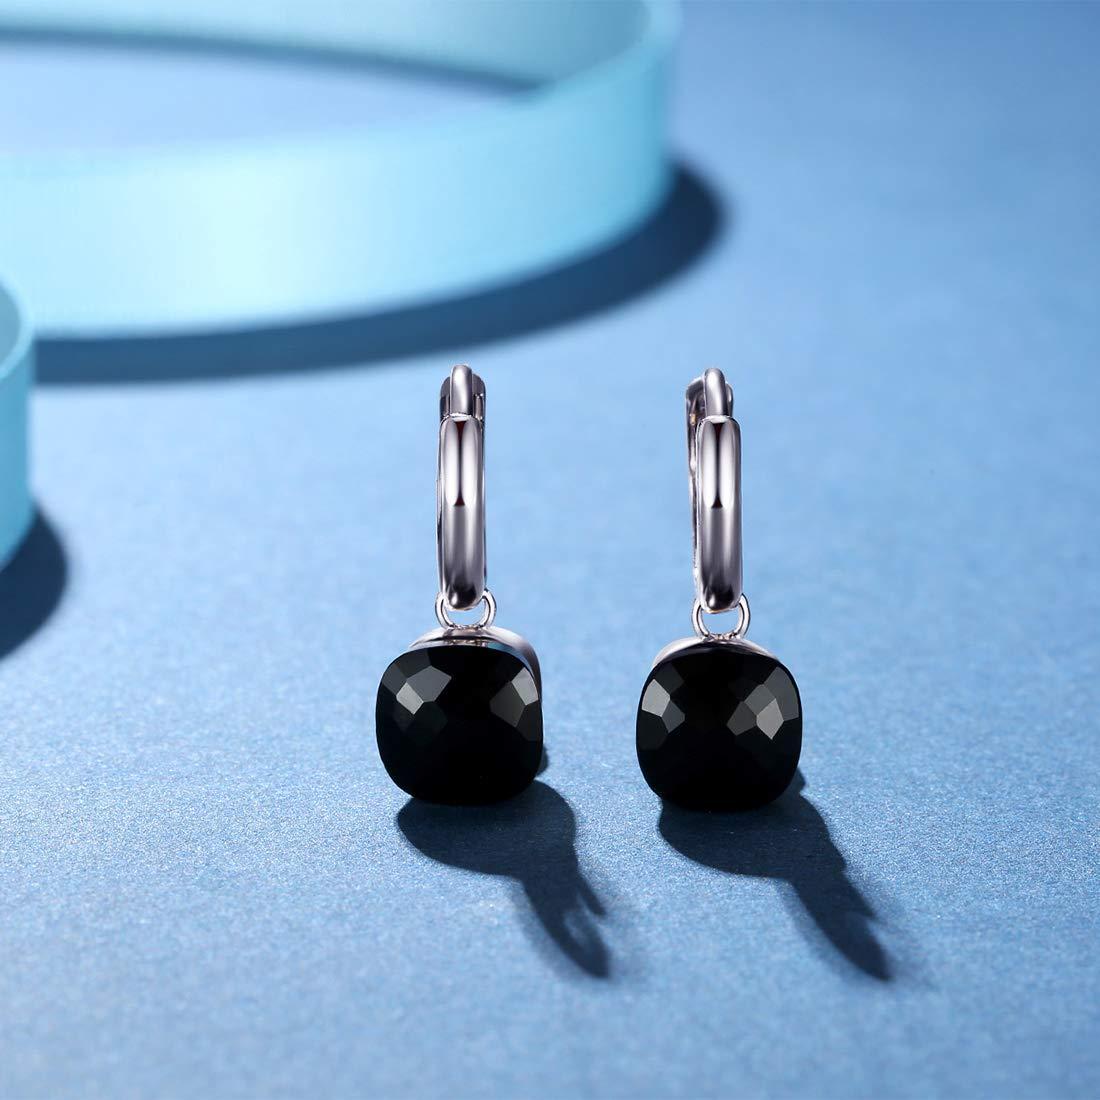 Metjakt classique Topaze bleue Boucles doreilles pendantes Argent sterling 925 massif Pendentif Boucles doreilles pour femme occasions fine bijoux